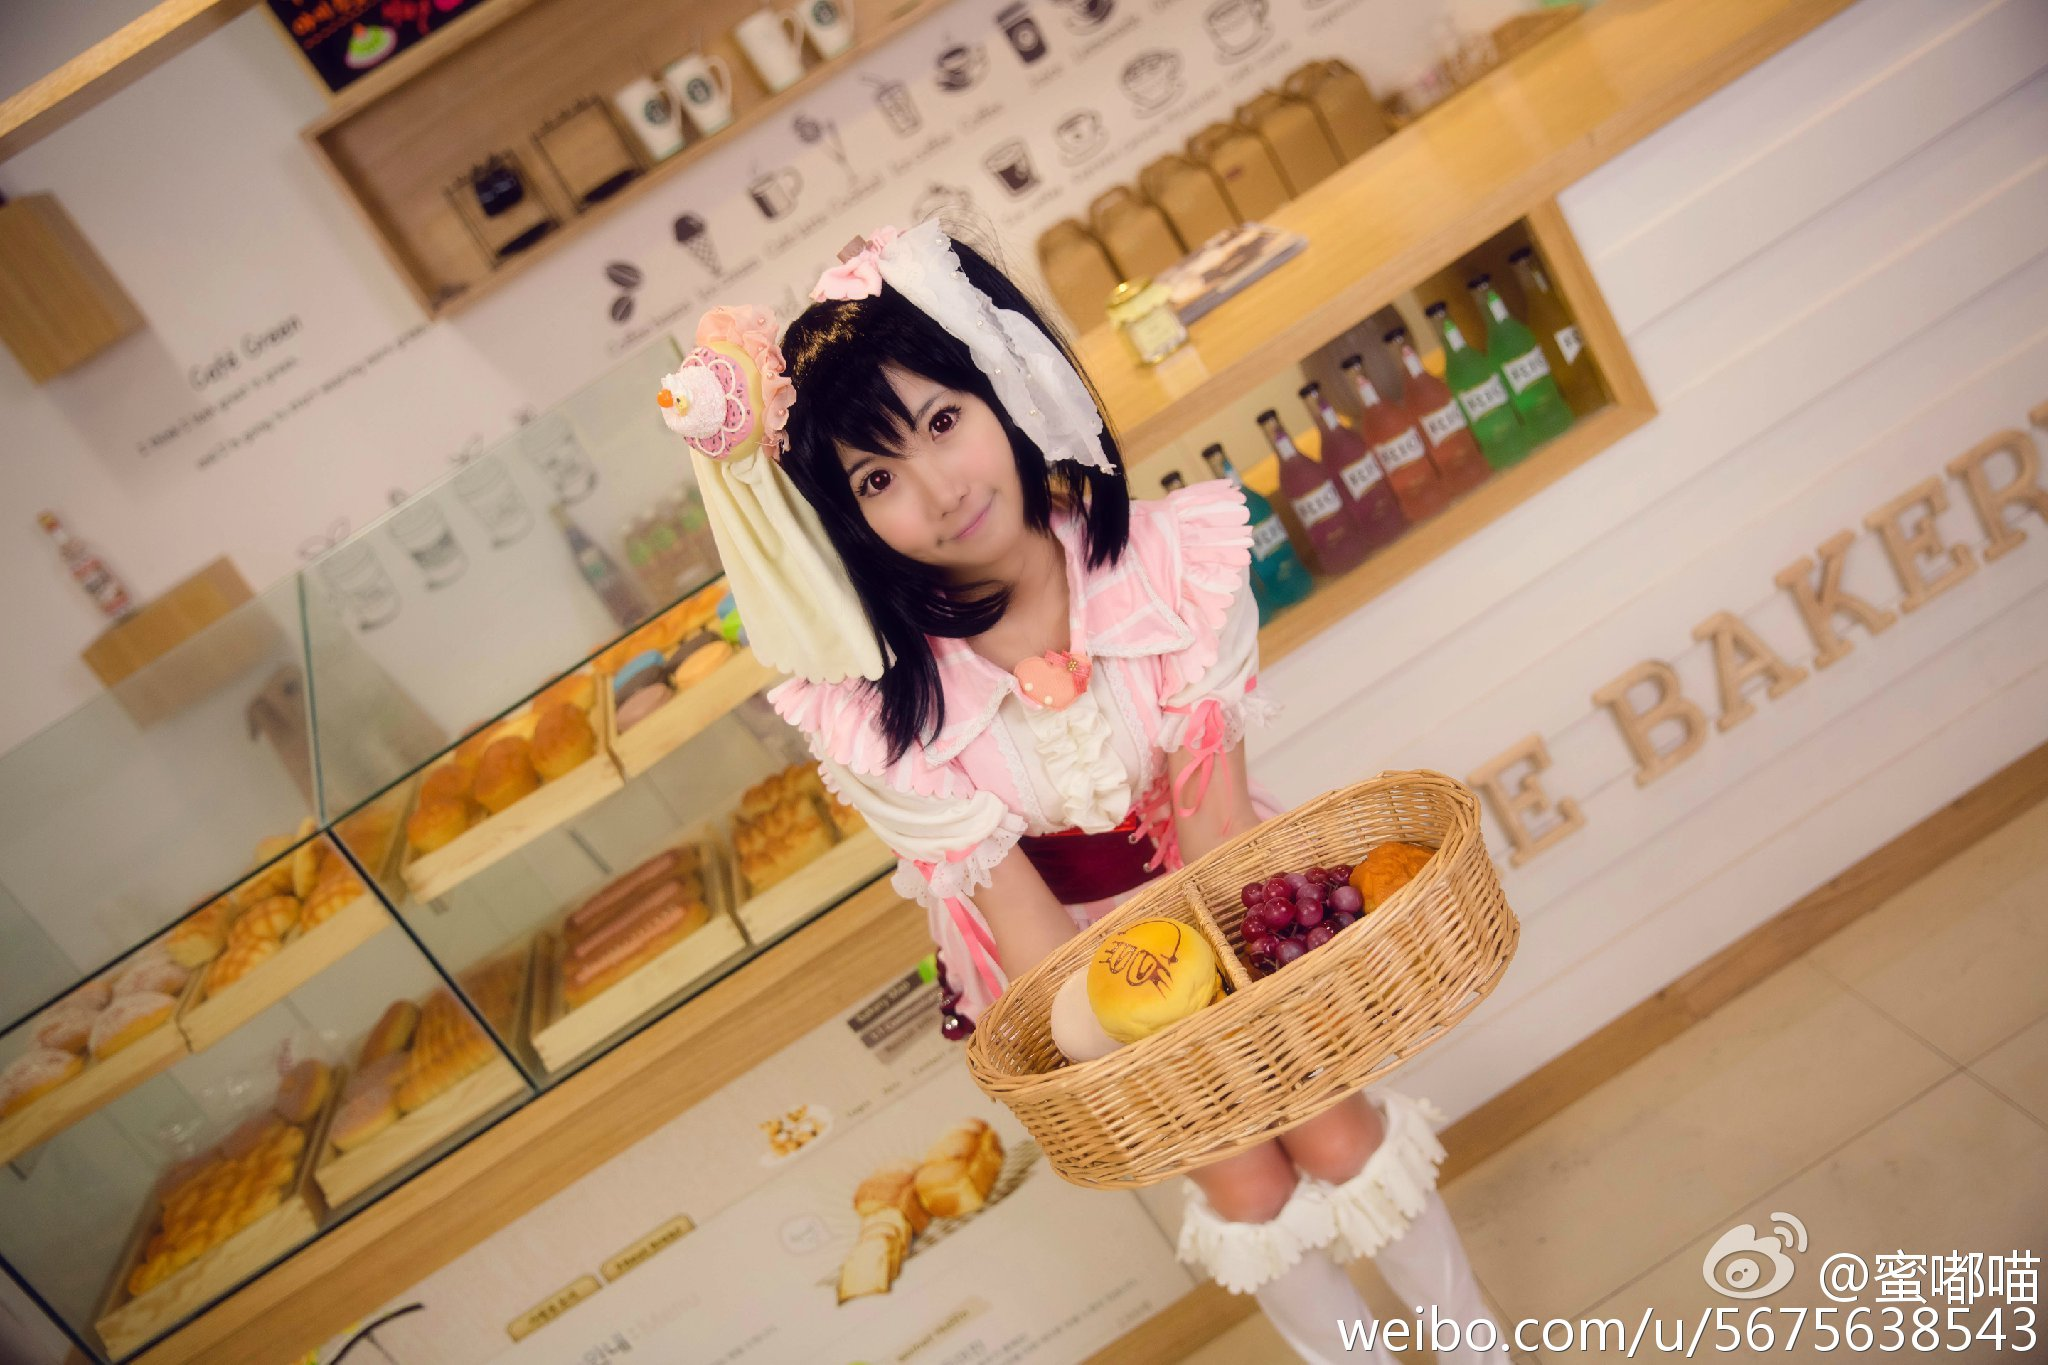 蜜嘟喵     要来一块蛋糕吗~~[兔子]_美女福利图片